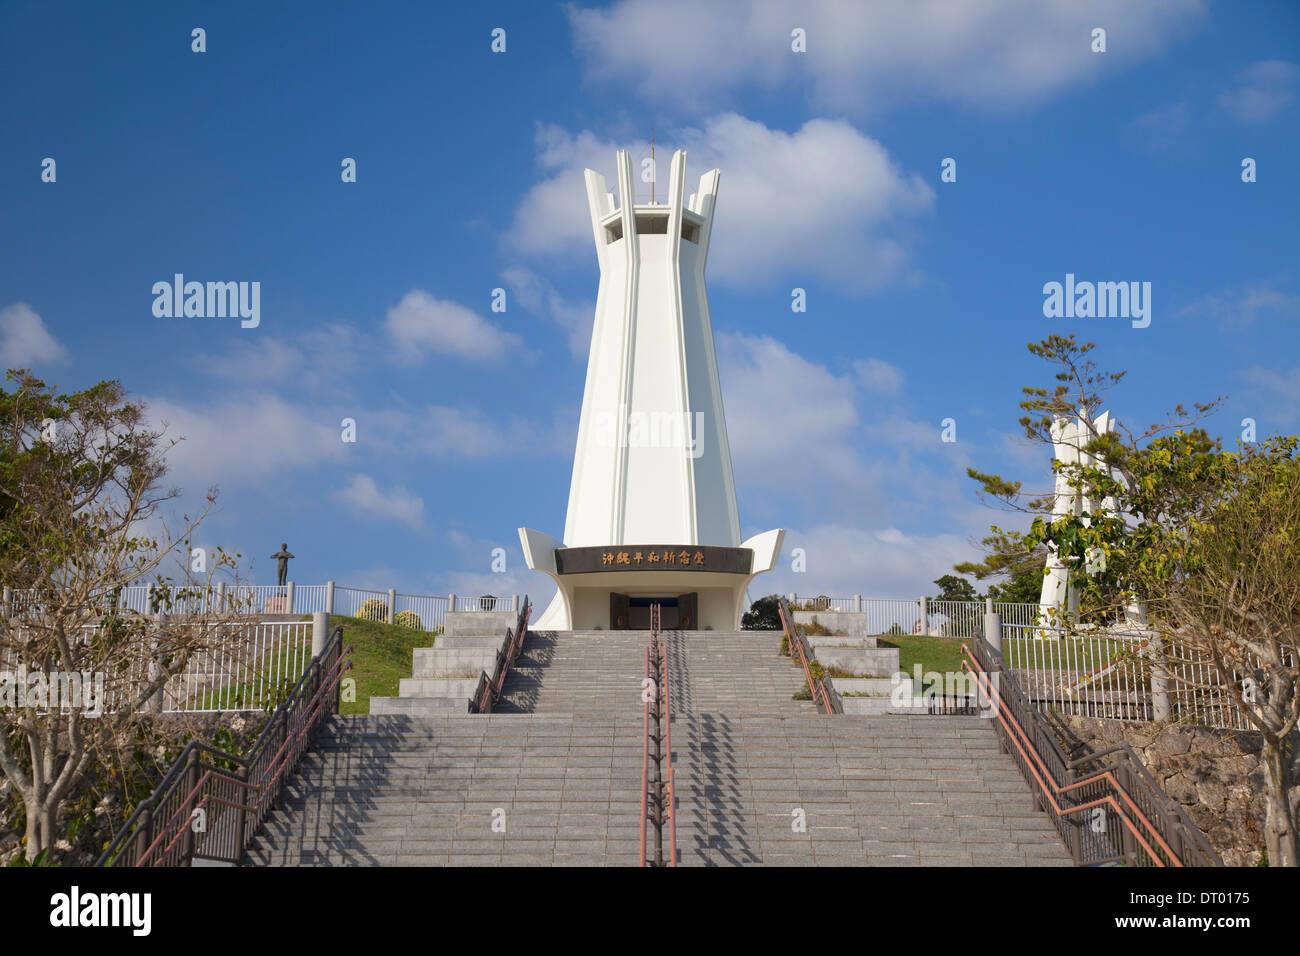 Memorial Peace Park, Okinawa, Japan - Stock Image